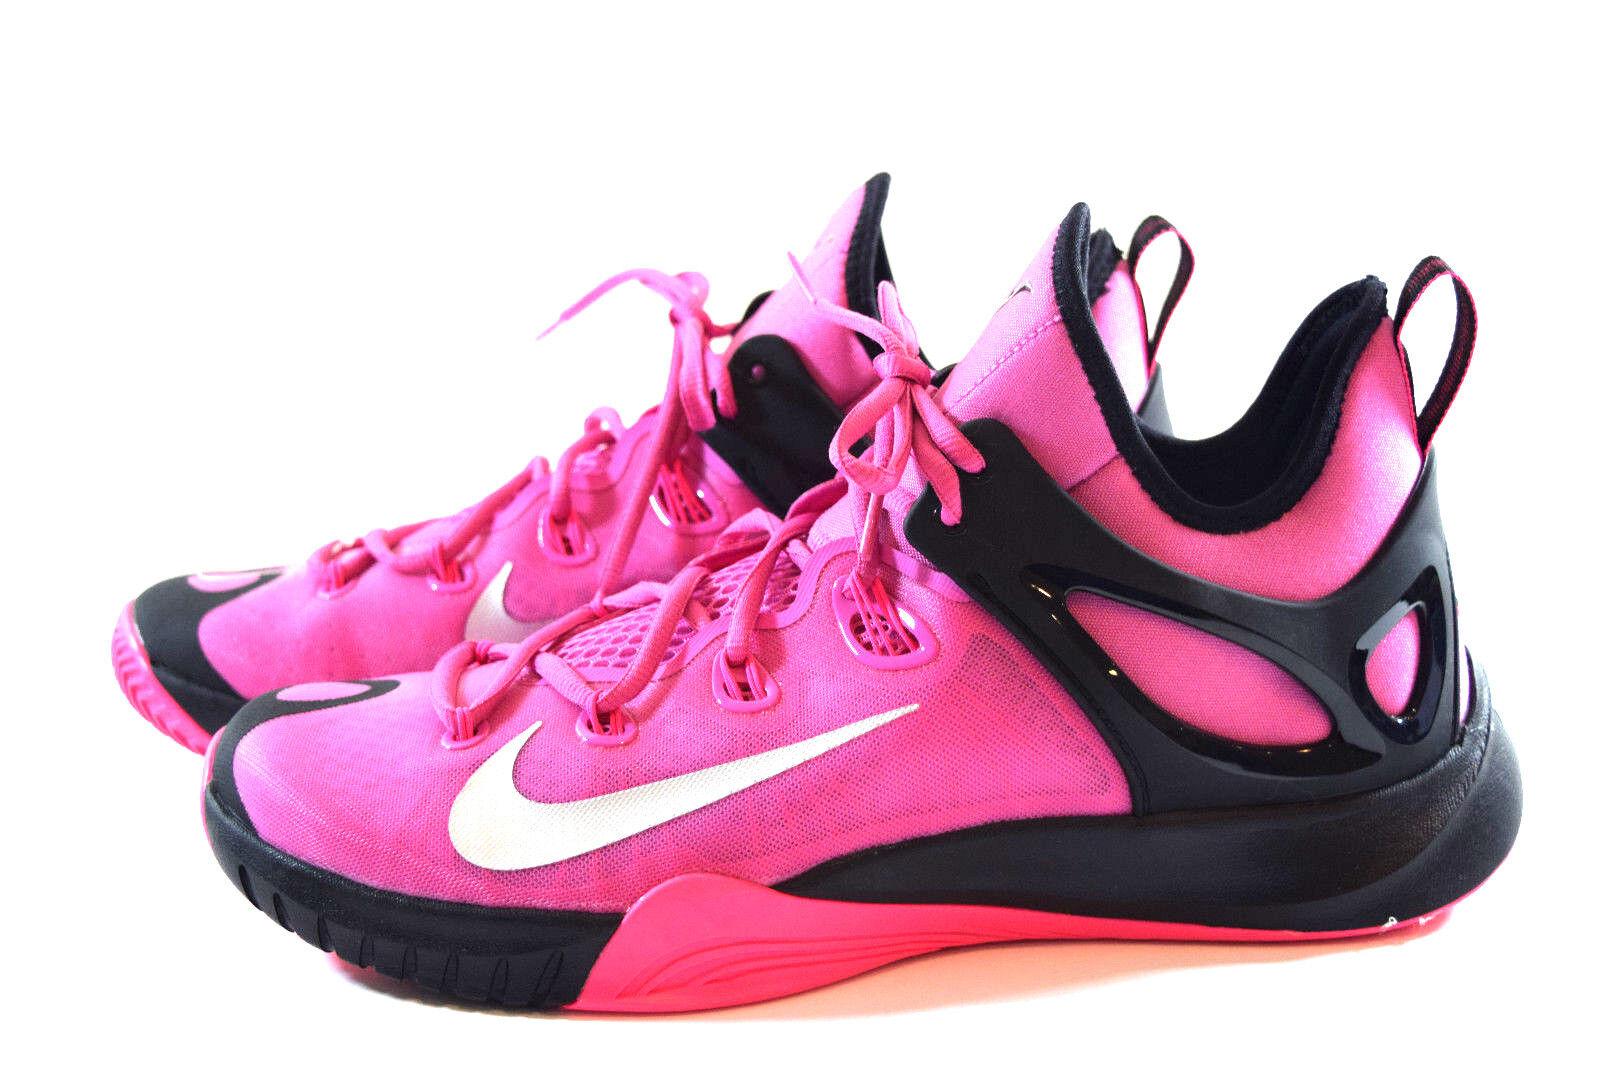 nike zoom hyperrev - 11,5 rosa schwarze basketball - hyperrev schuhe 705370-606 5e18d3